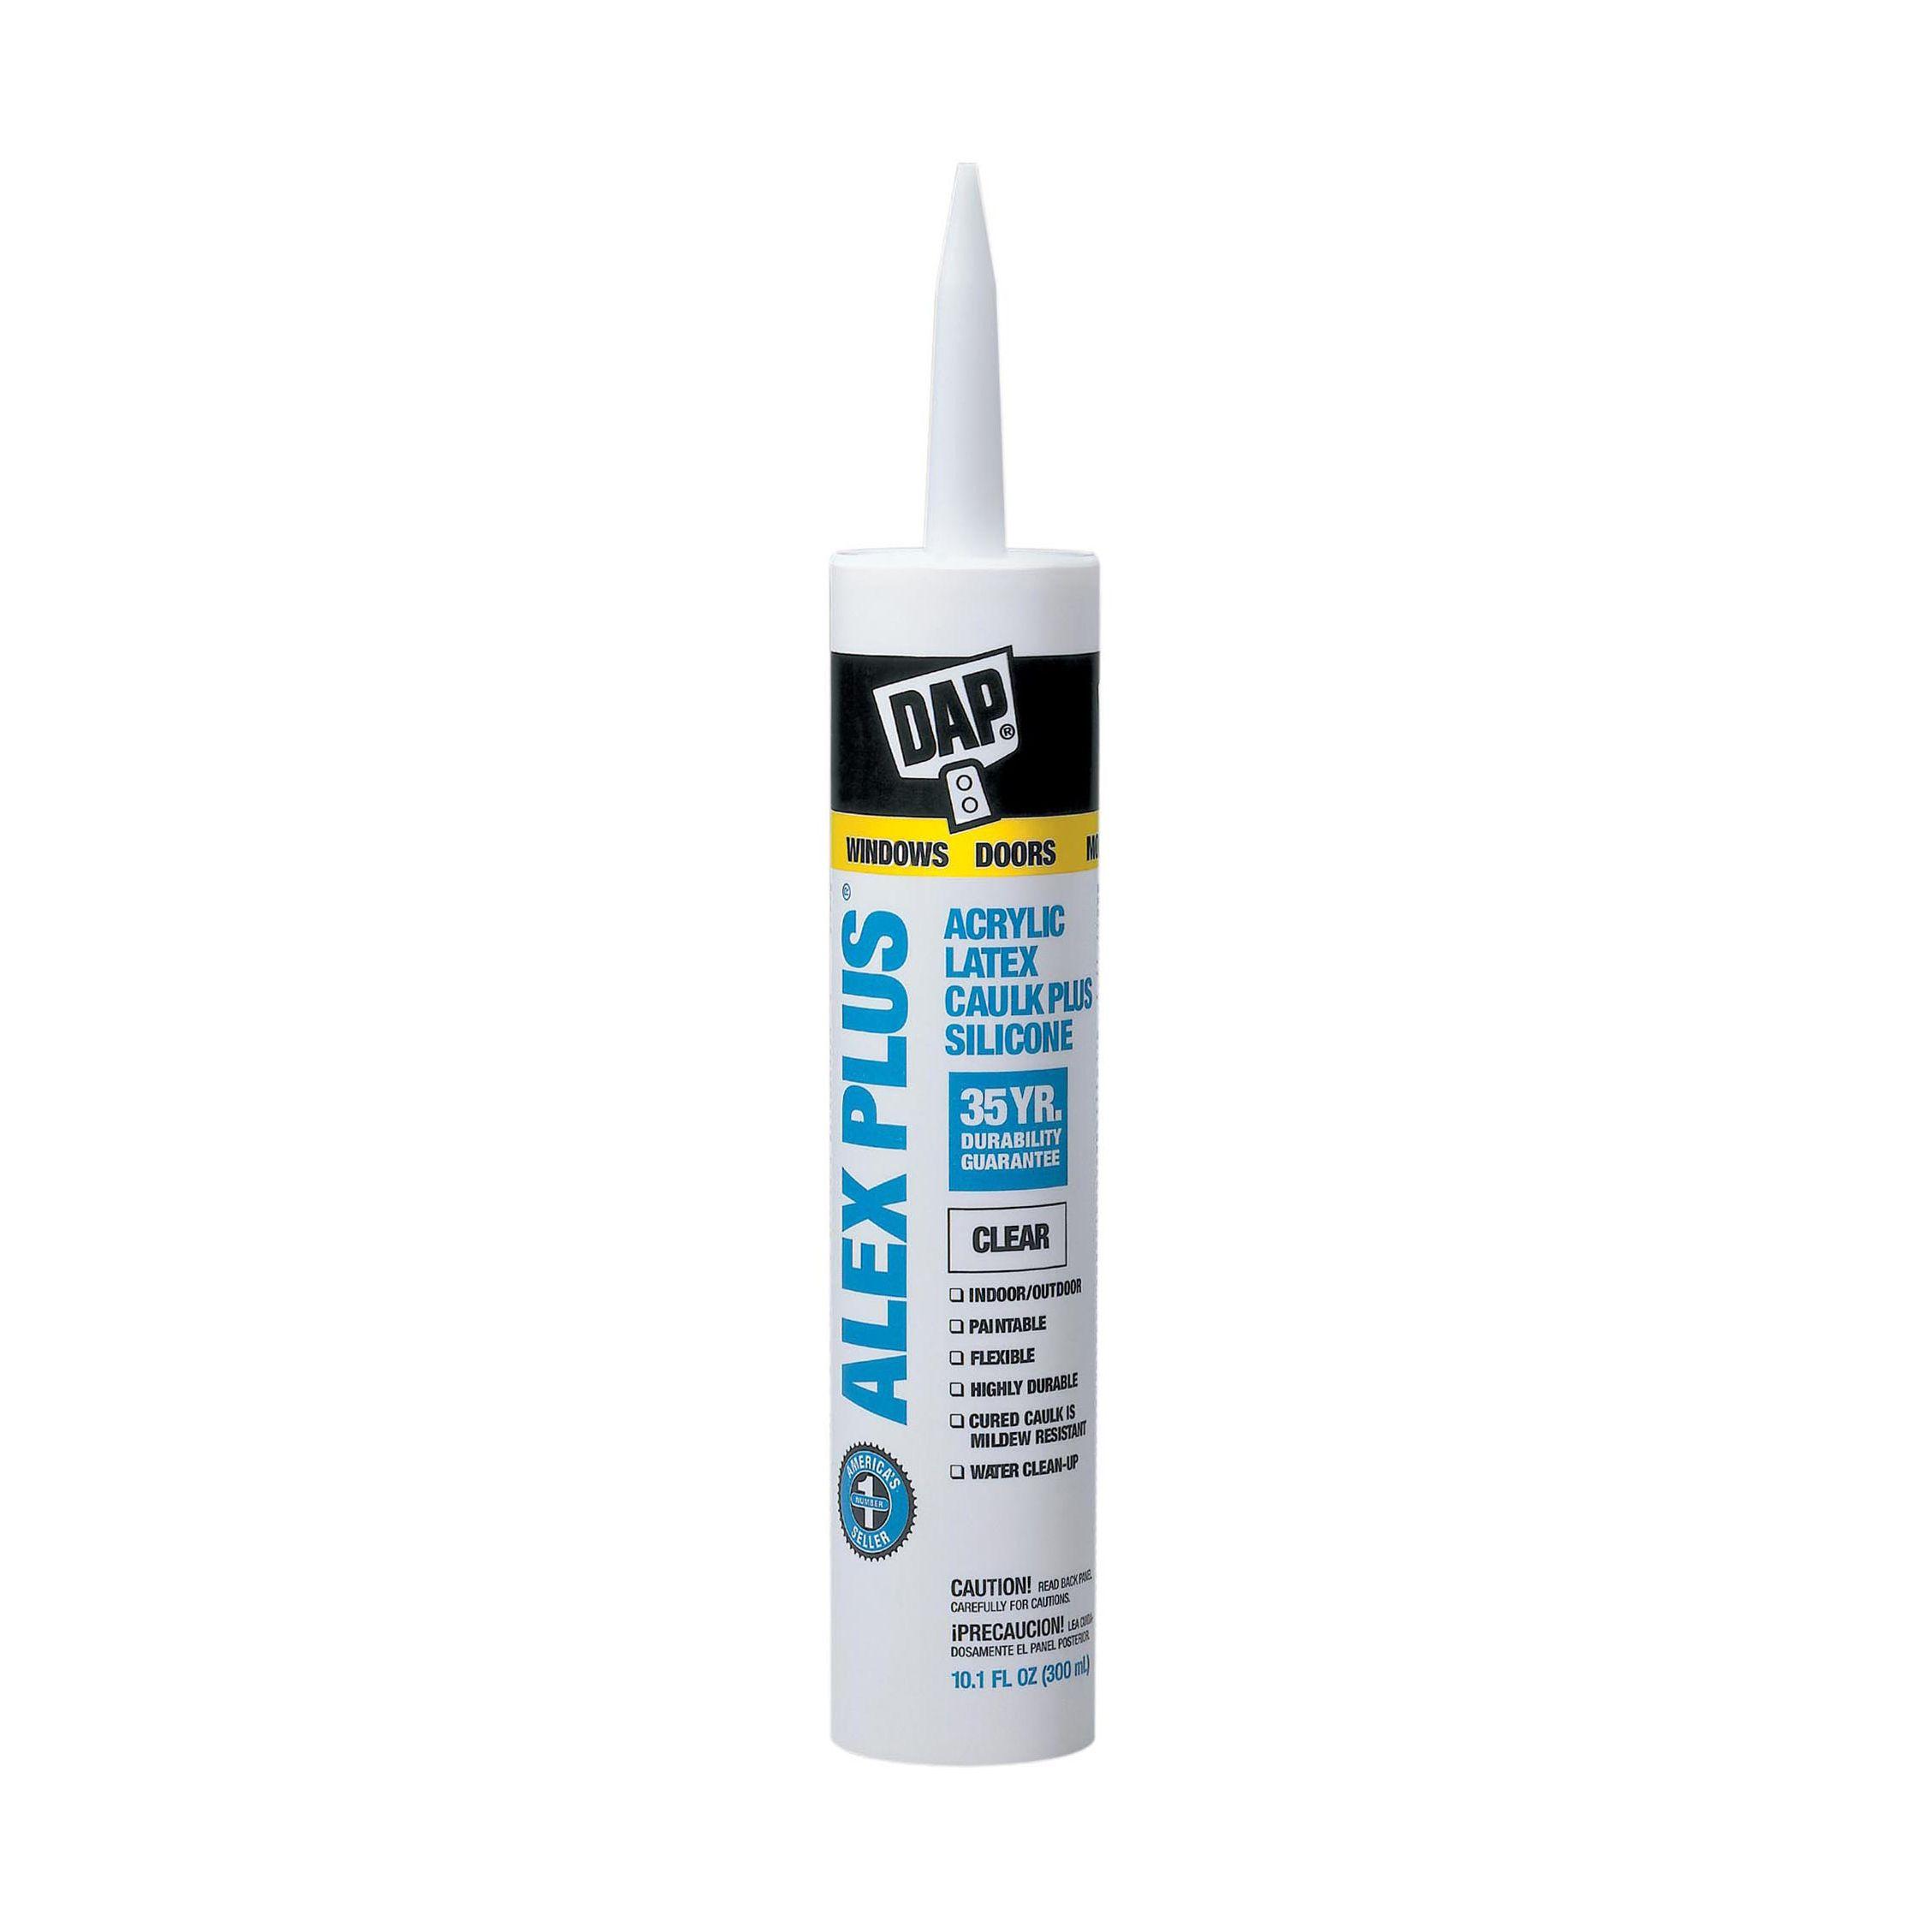 Dap ALEX PLUS® Acrylic Latex Caulk Plus Silicone, Crystal Clear - 10.1 fl. oz.